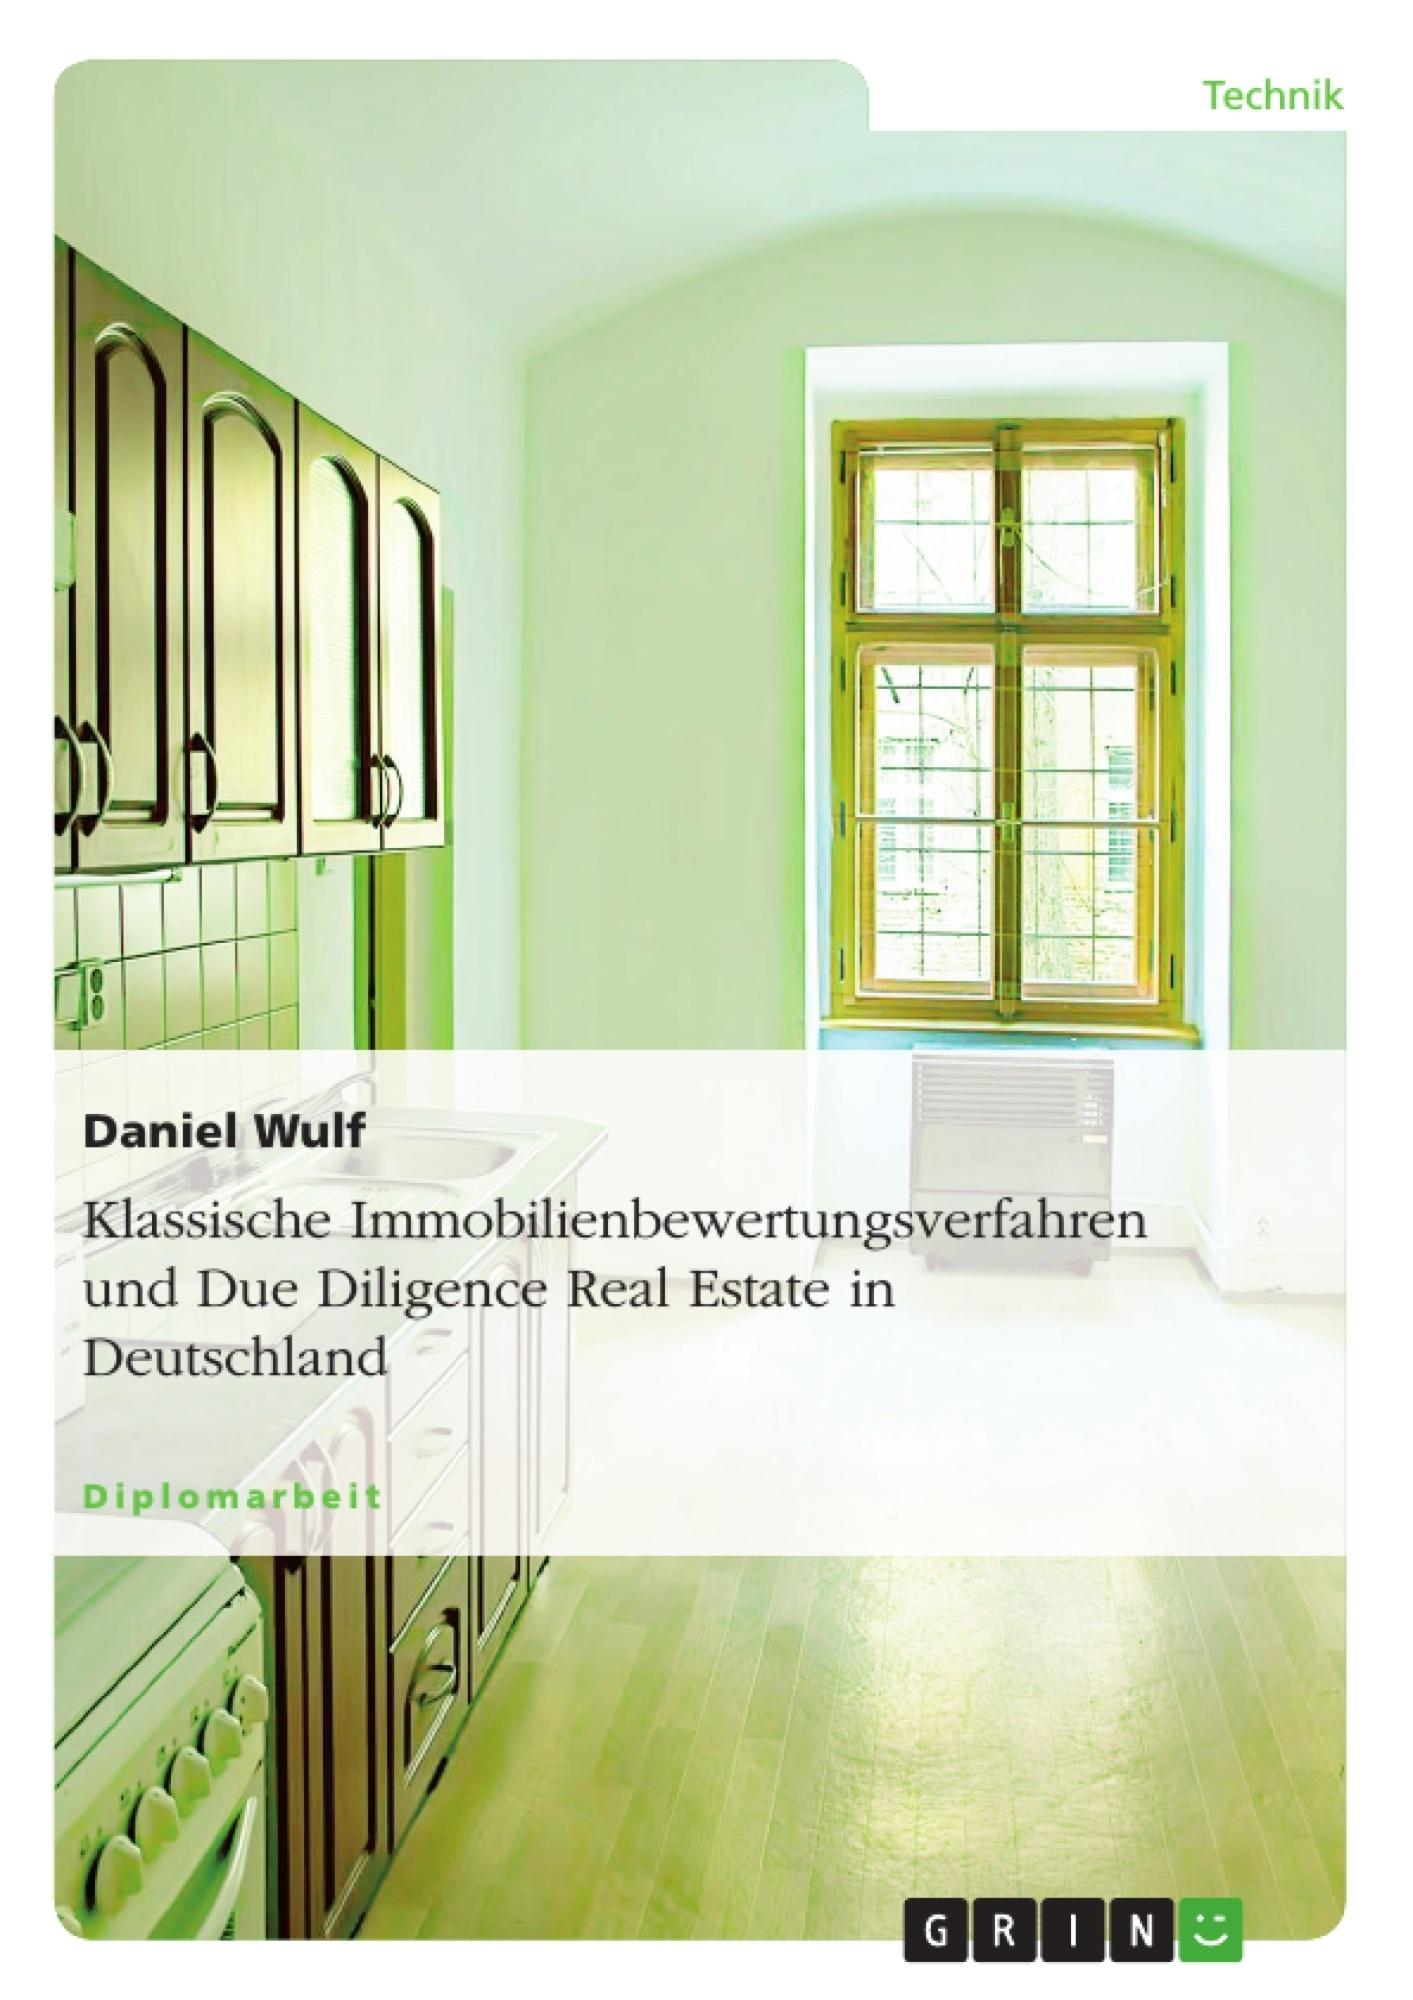 Titel: Klassische Immobilienbewertungsverfahren und Due Diligence Real Estate in Deutschland